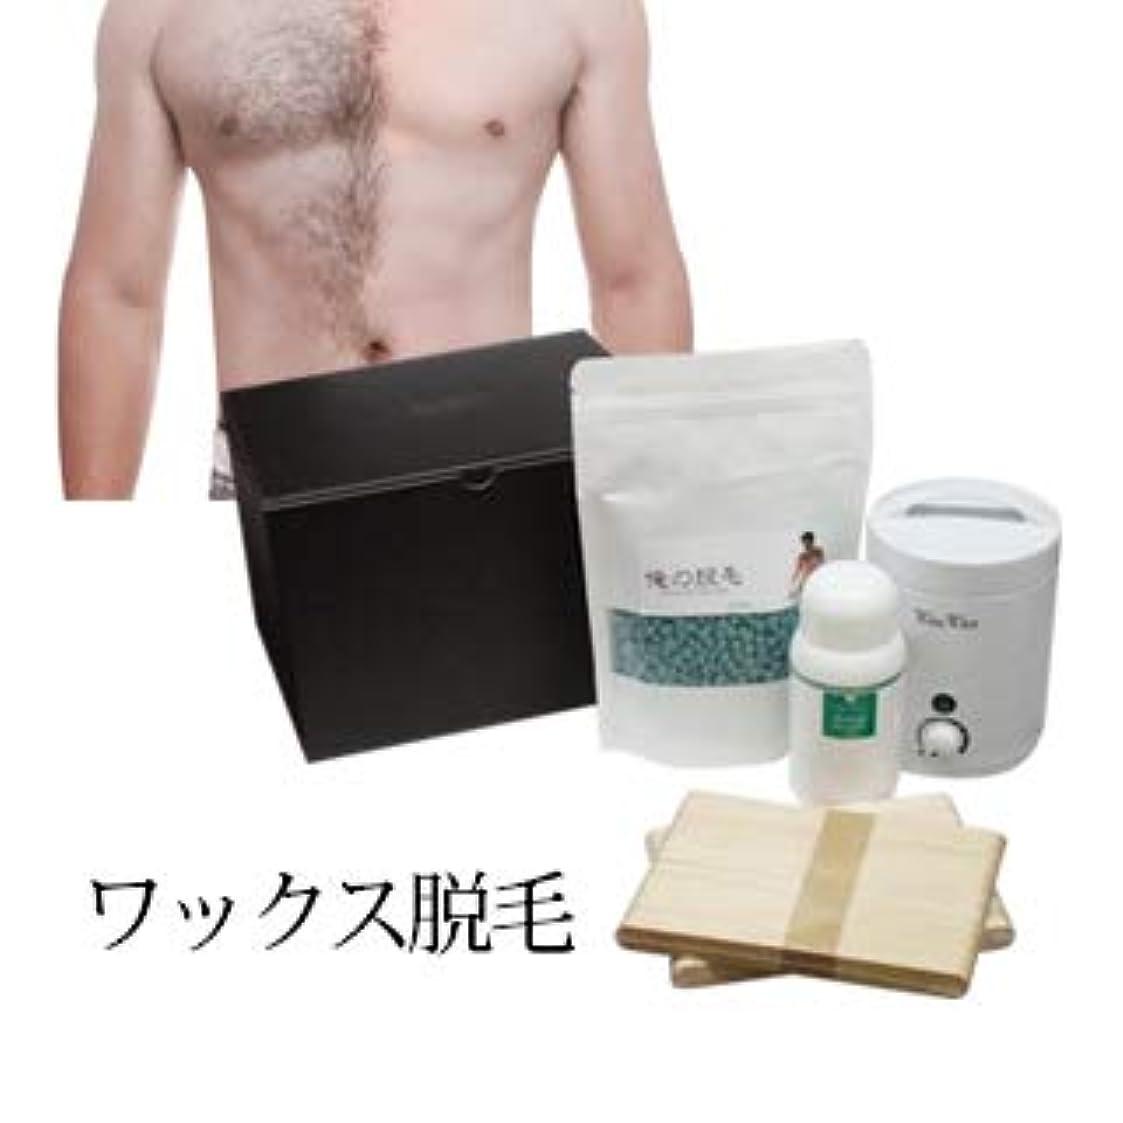 権限製油所列挙する【メンズ 俺の脱毛】WaxWax ワックス脱毛キット